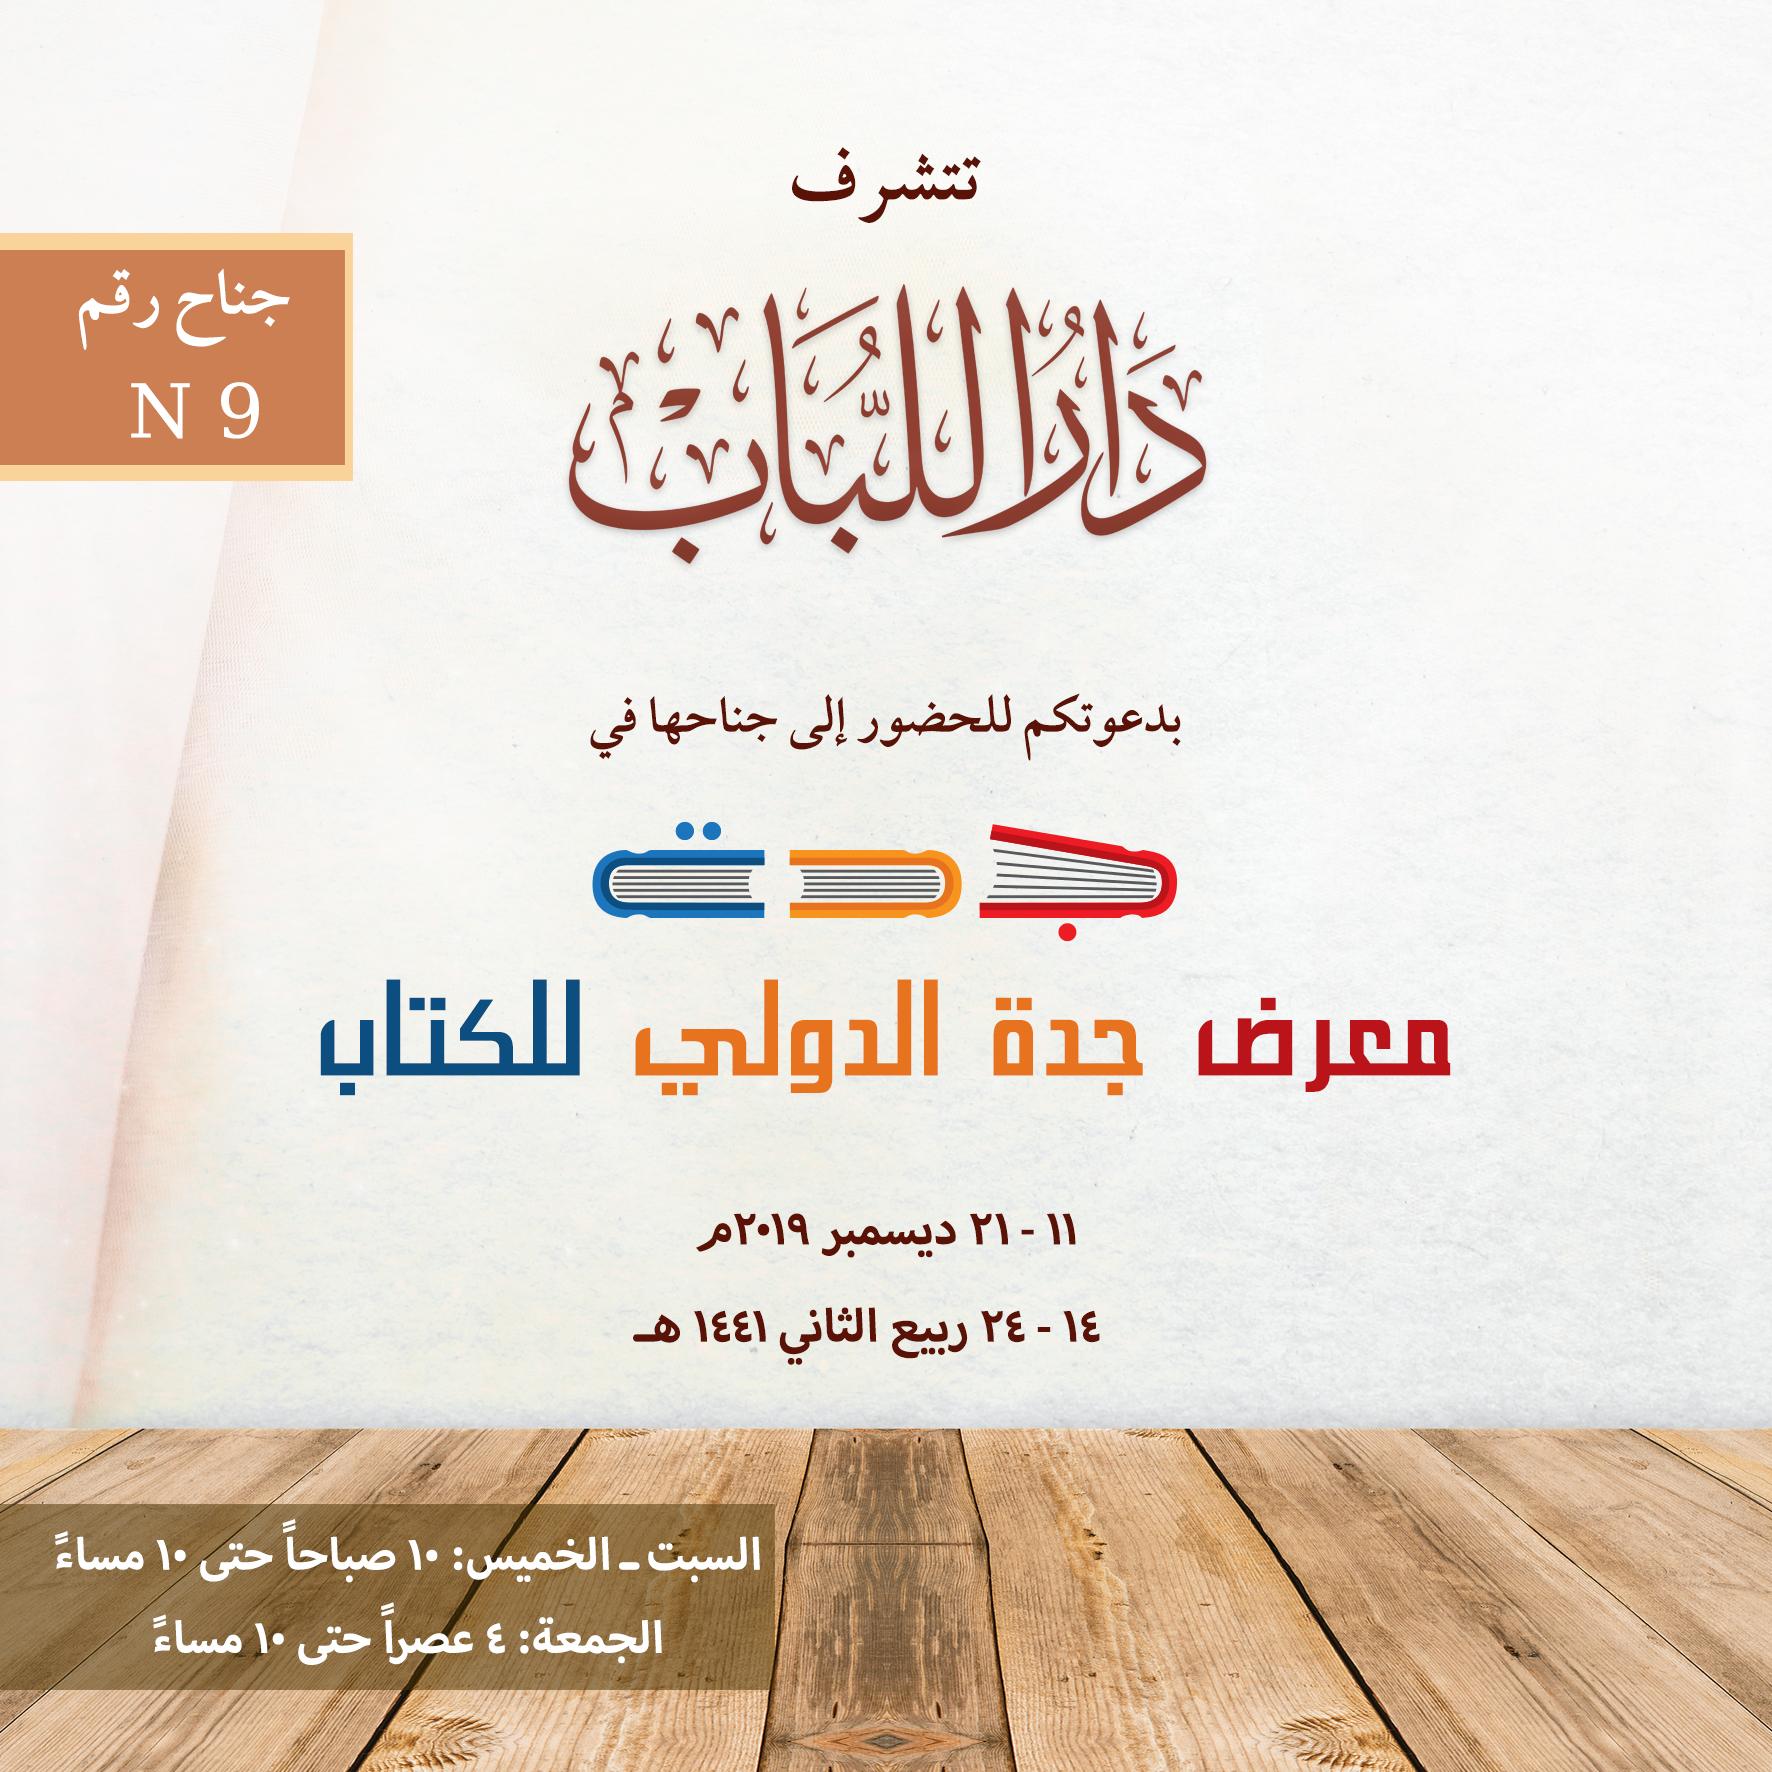 تتشرف دار اللباب بدعوتكم للحضور إلى جناحها في معرض جدة الدولي للكتاب